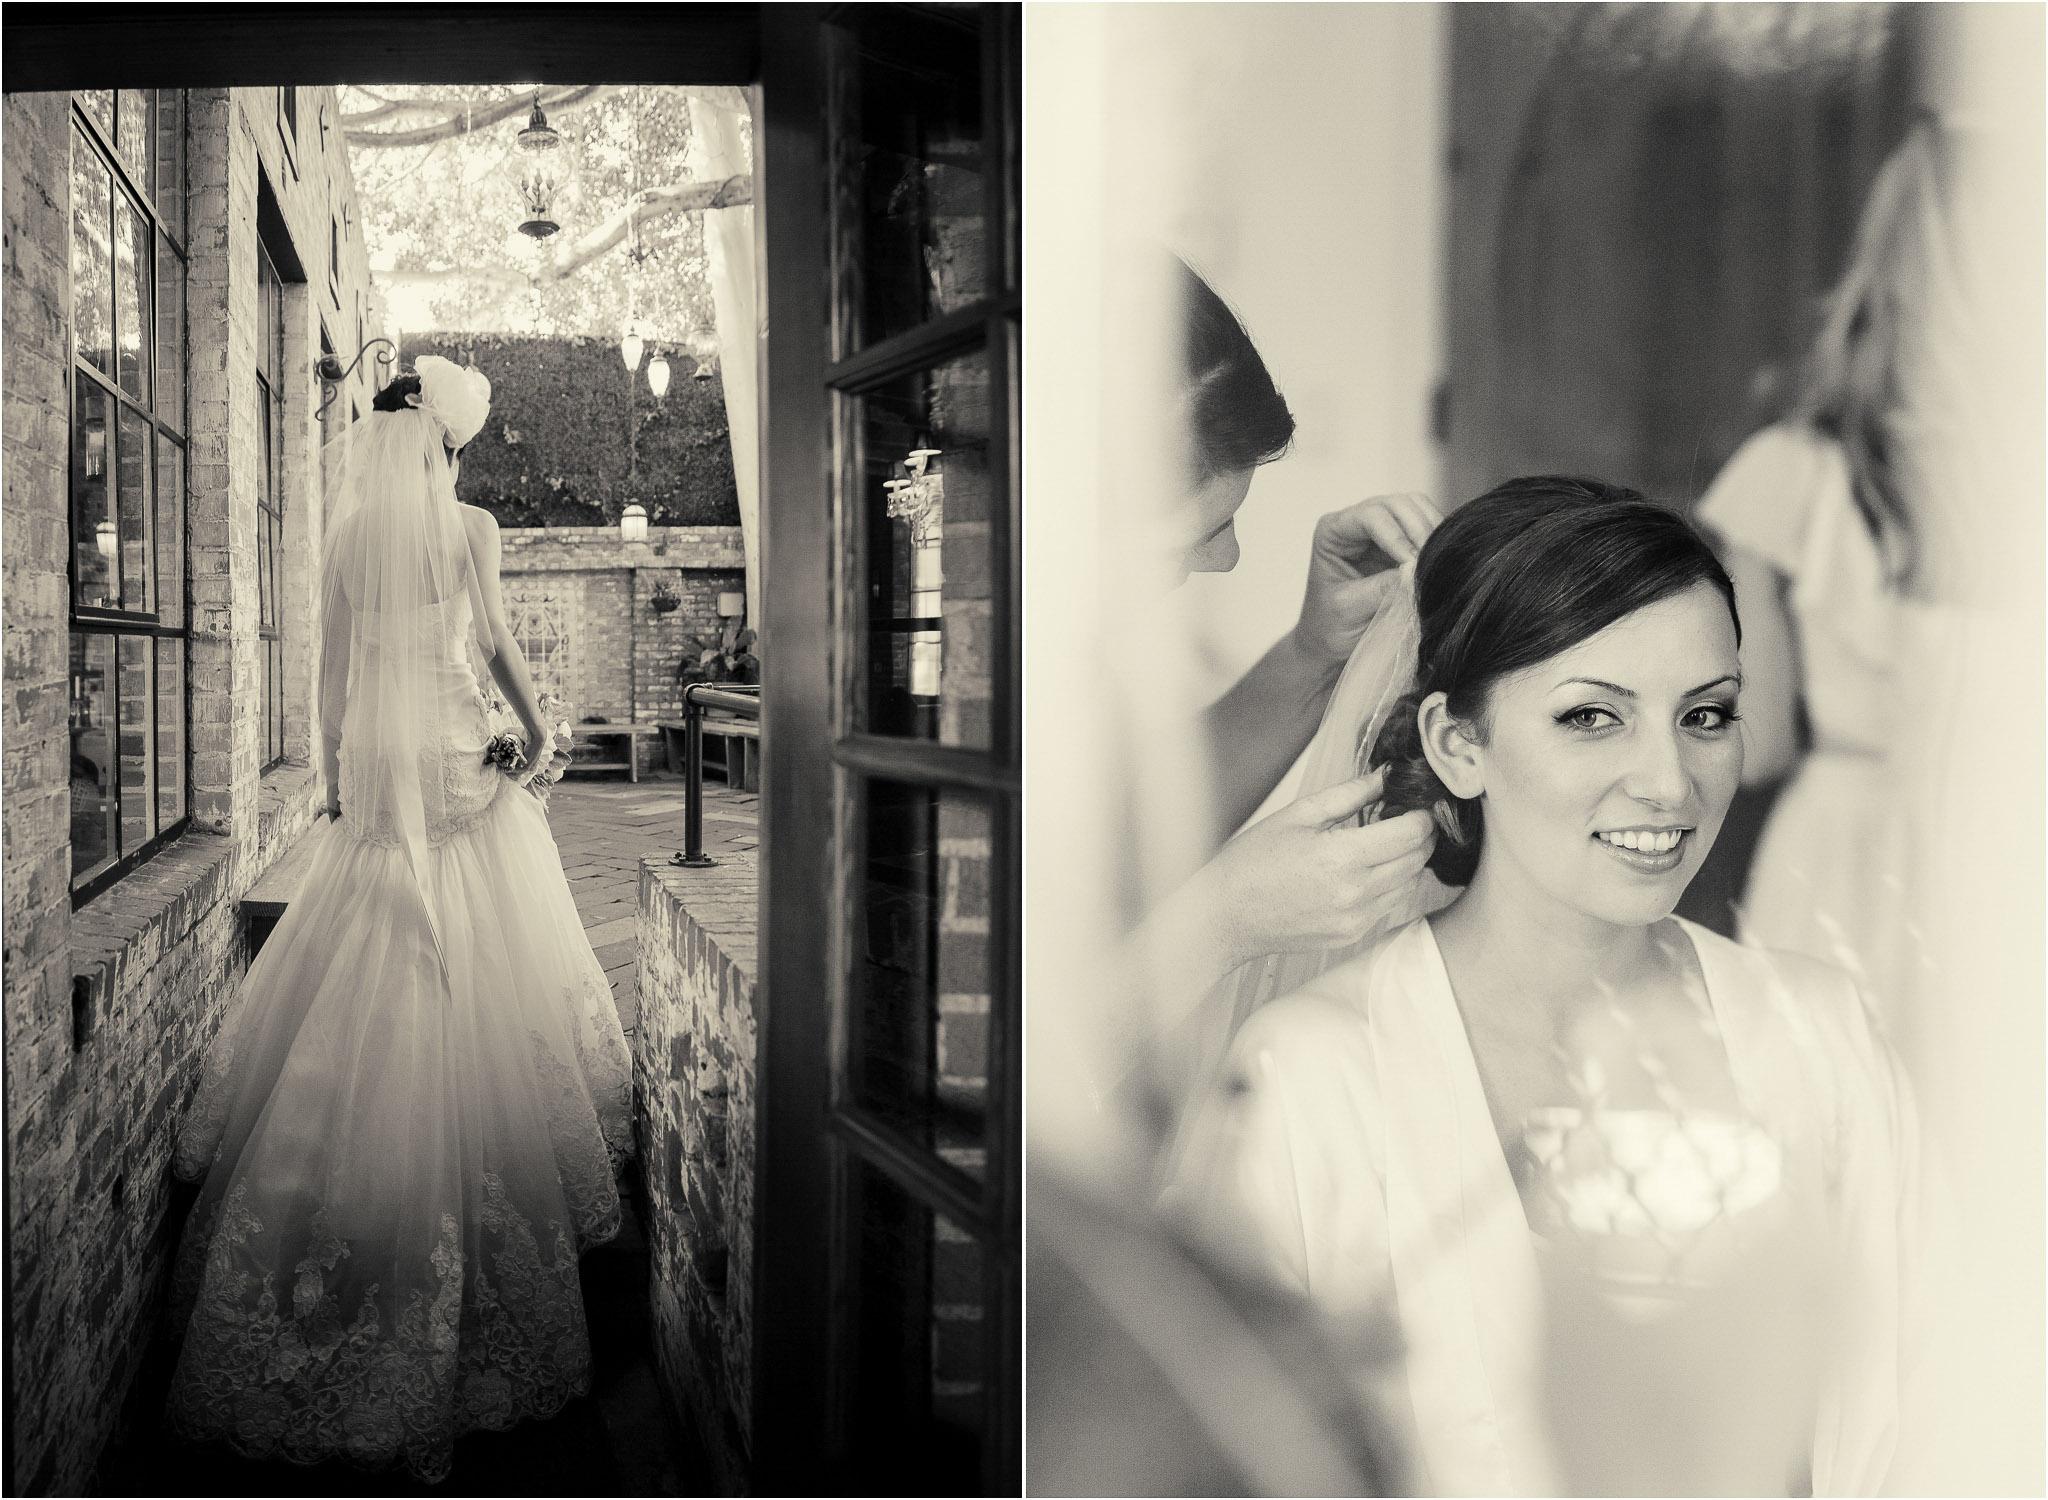 Los Angeles Wedding Photographer Cardeleton House Photography 04